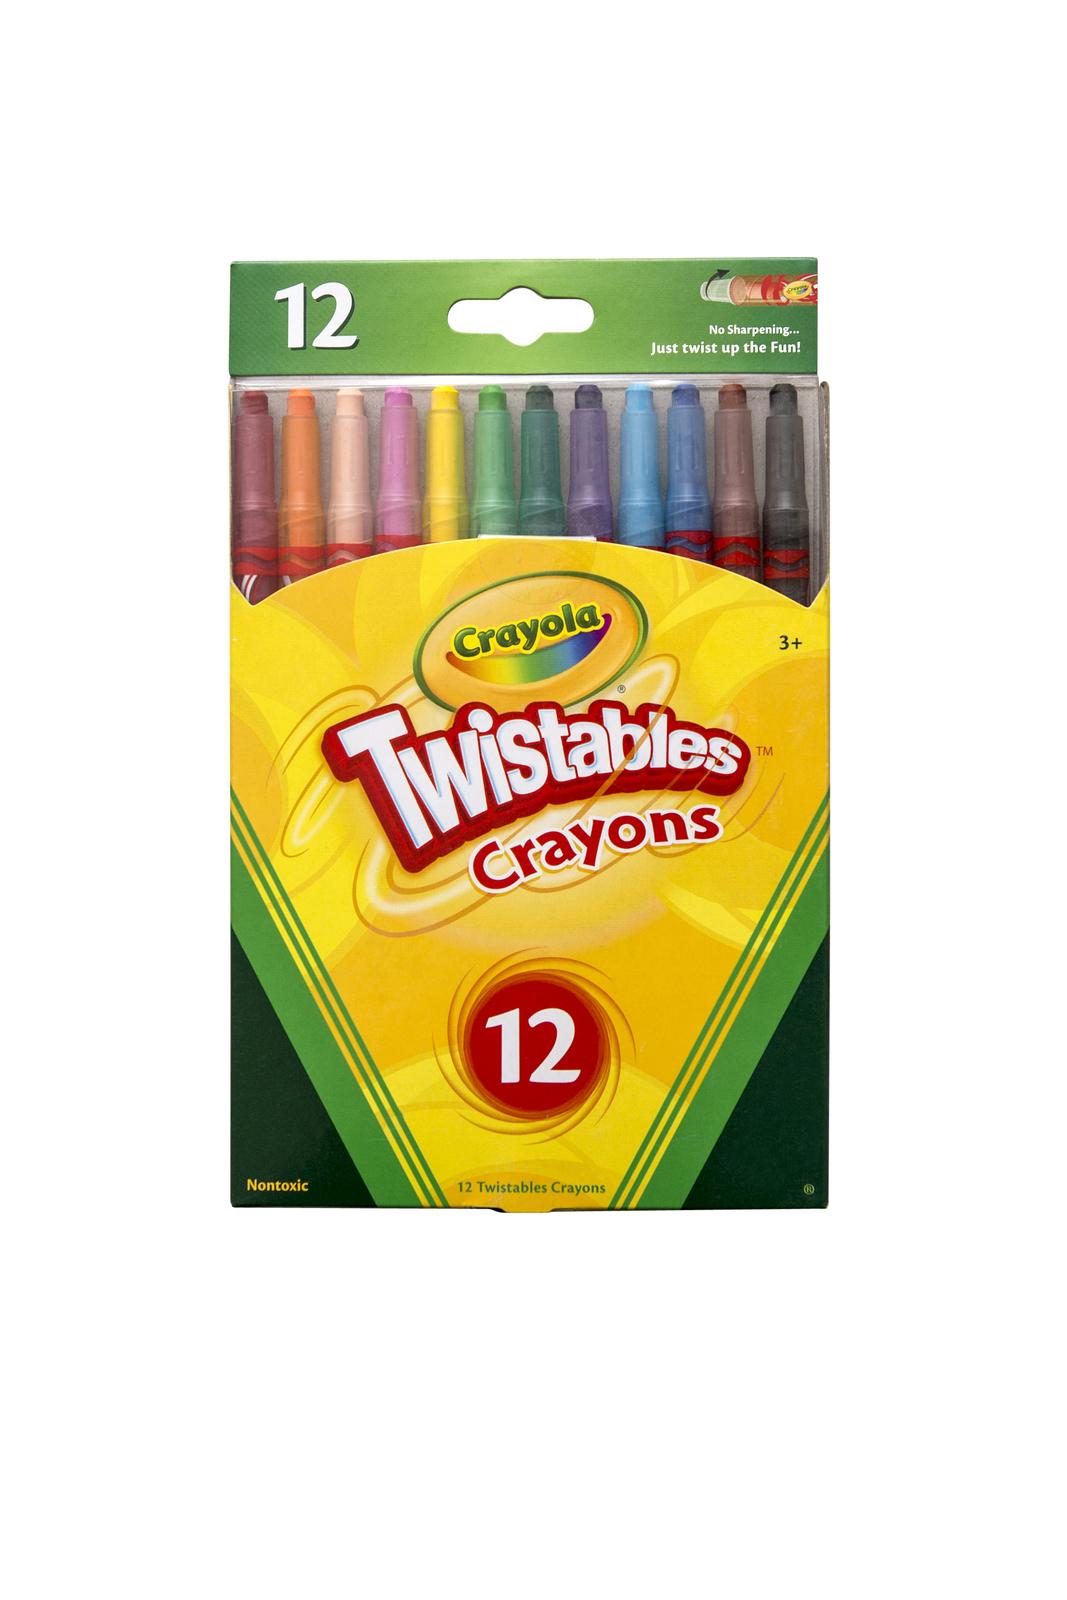 Crayola: 12 Twistables Crayons image